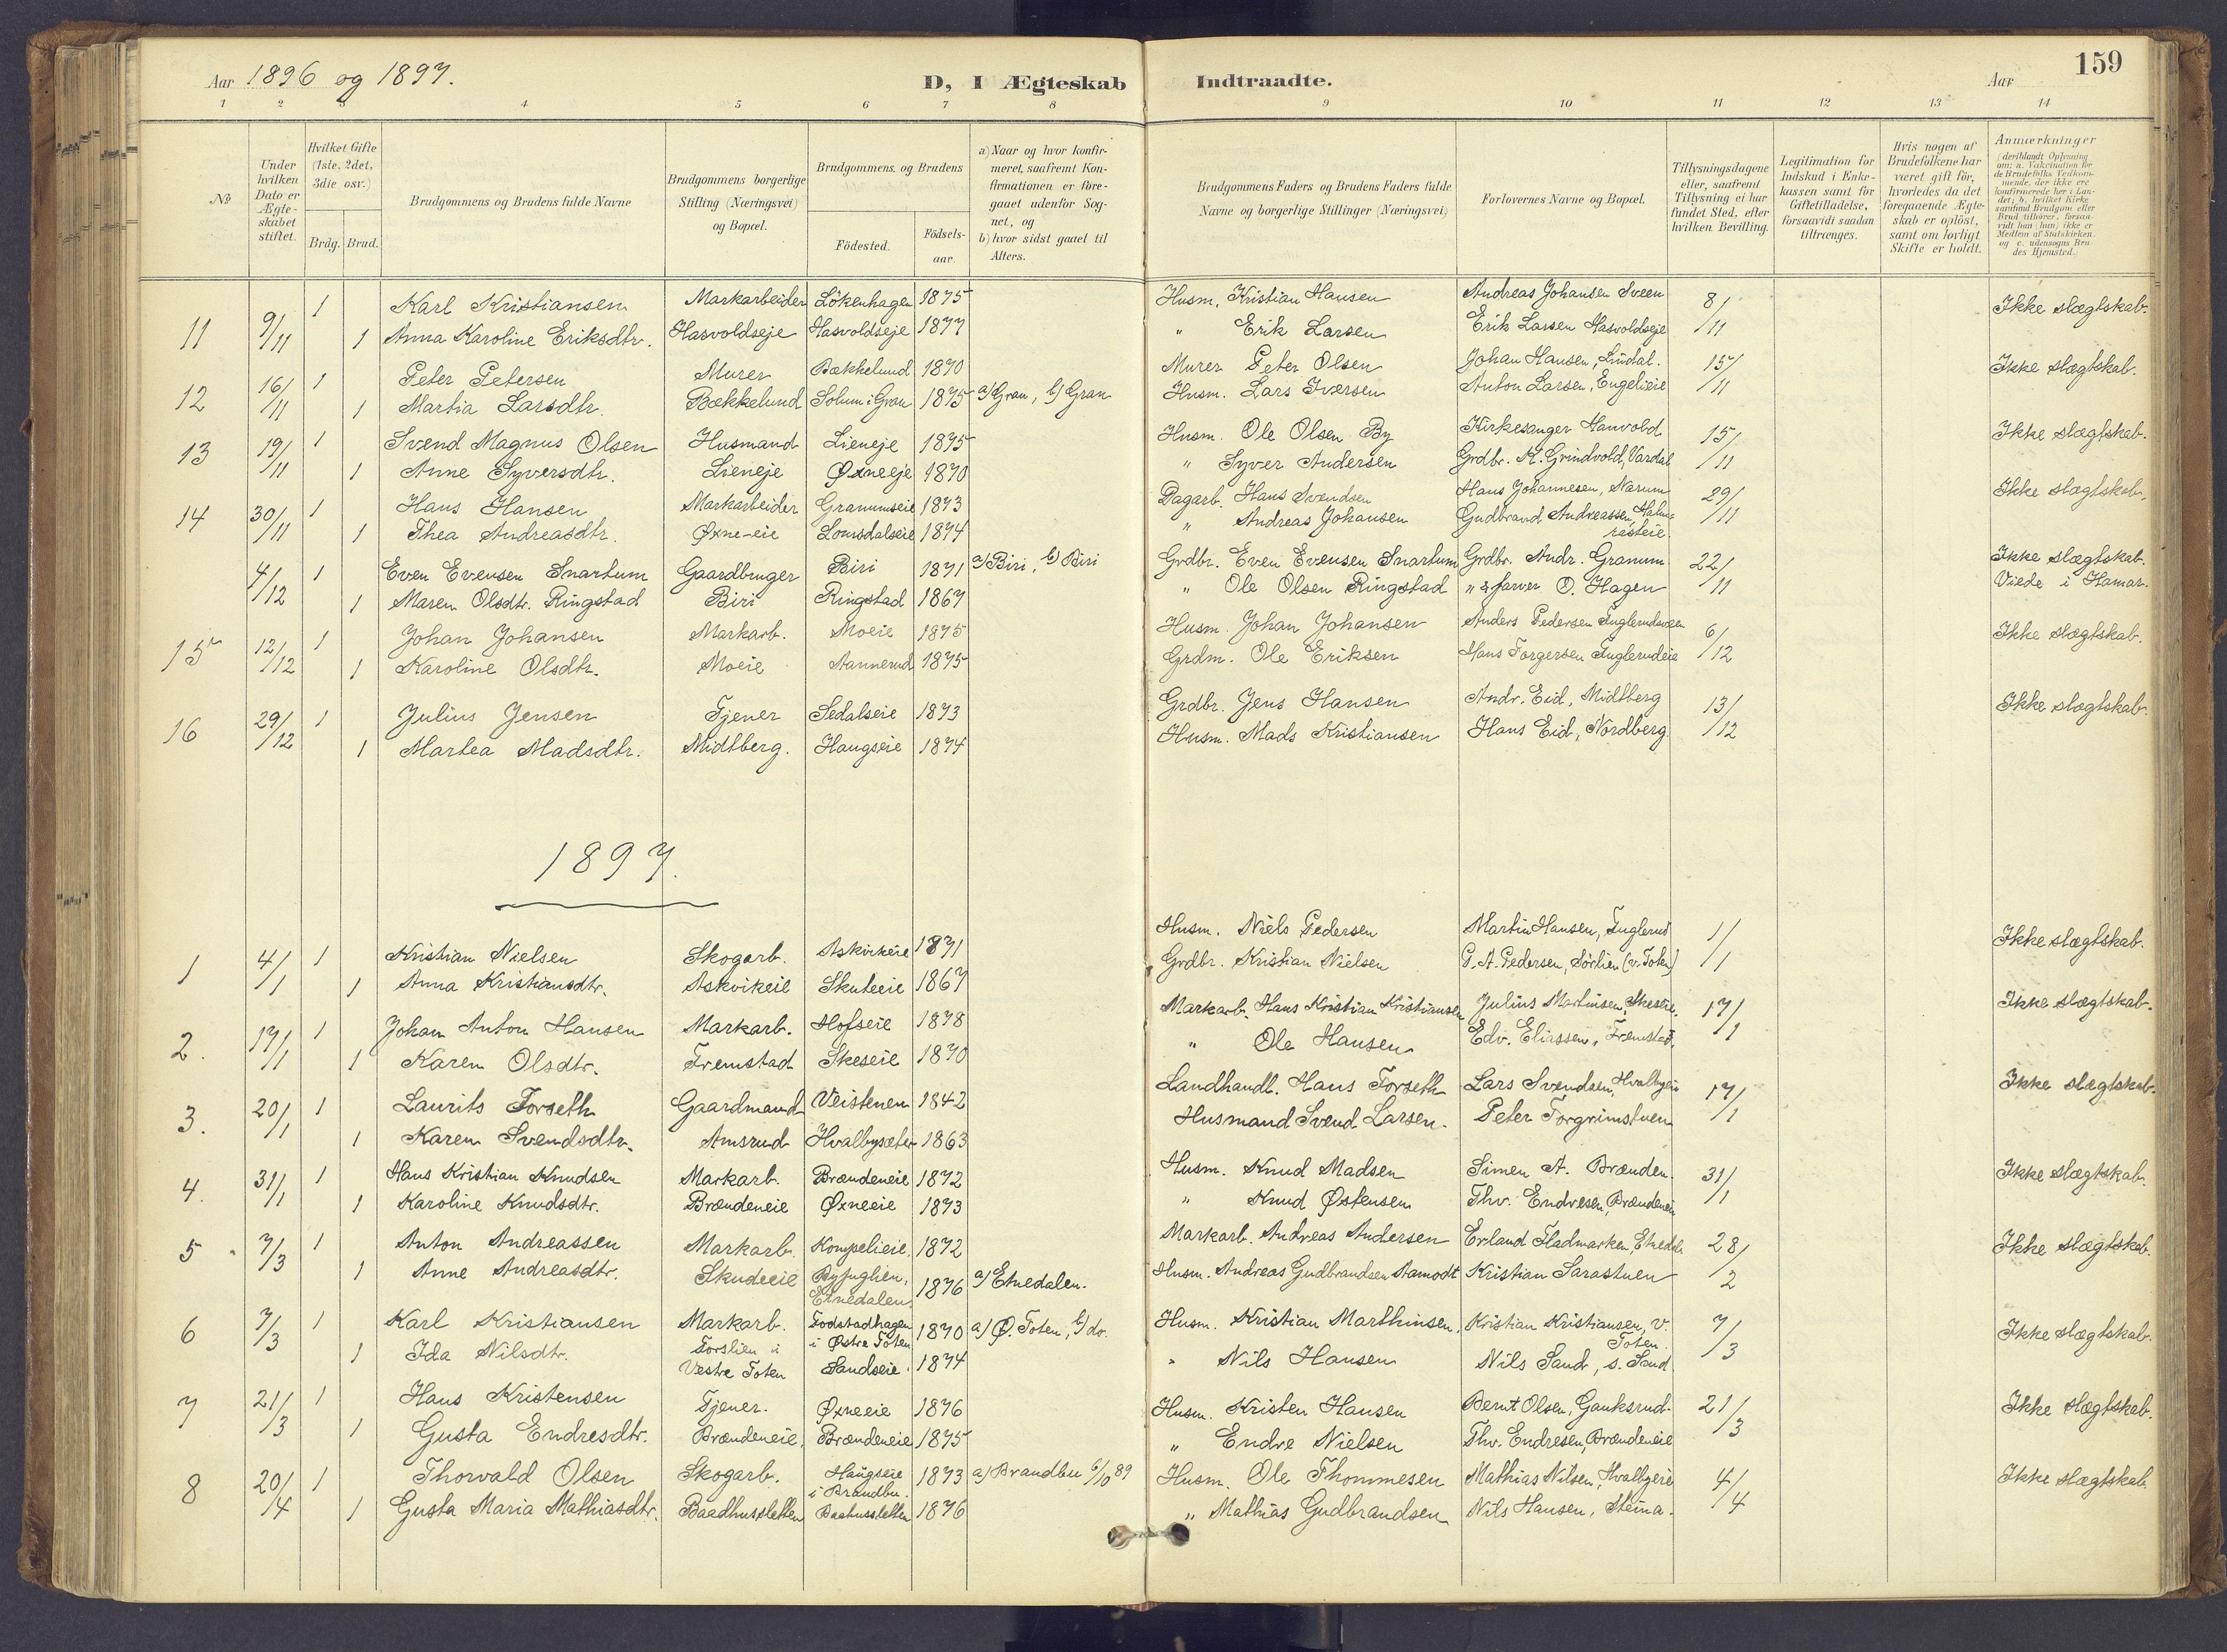 SAH, Søndre Land prestekontor, K/L0006: Ministerialbok nr. 6, 1895-1904, s. 159